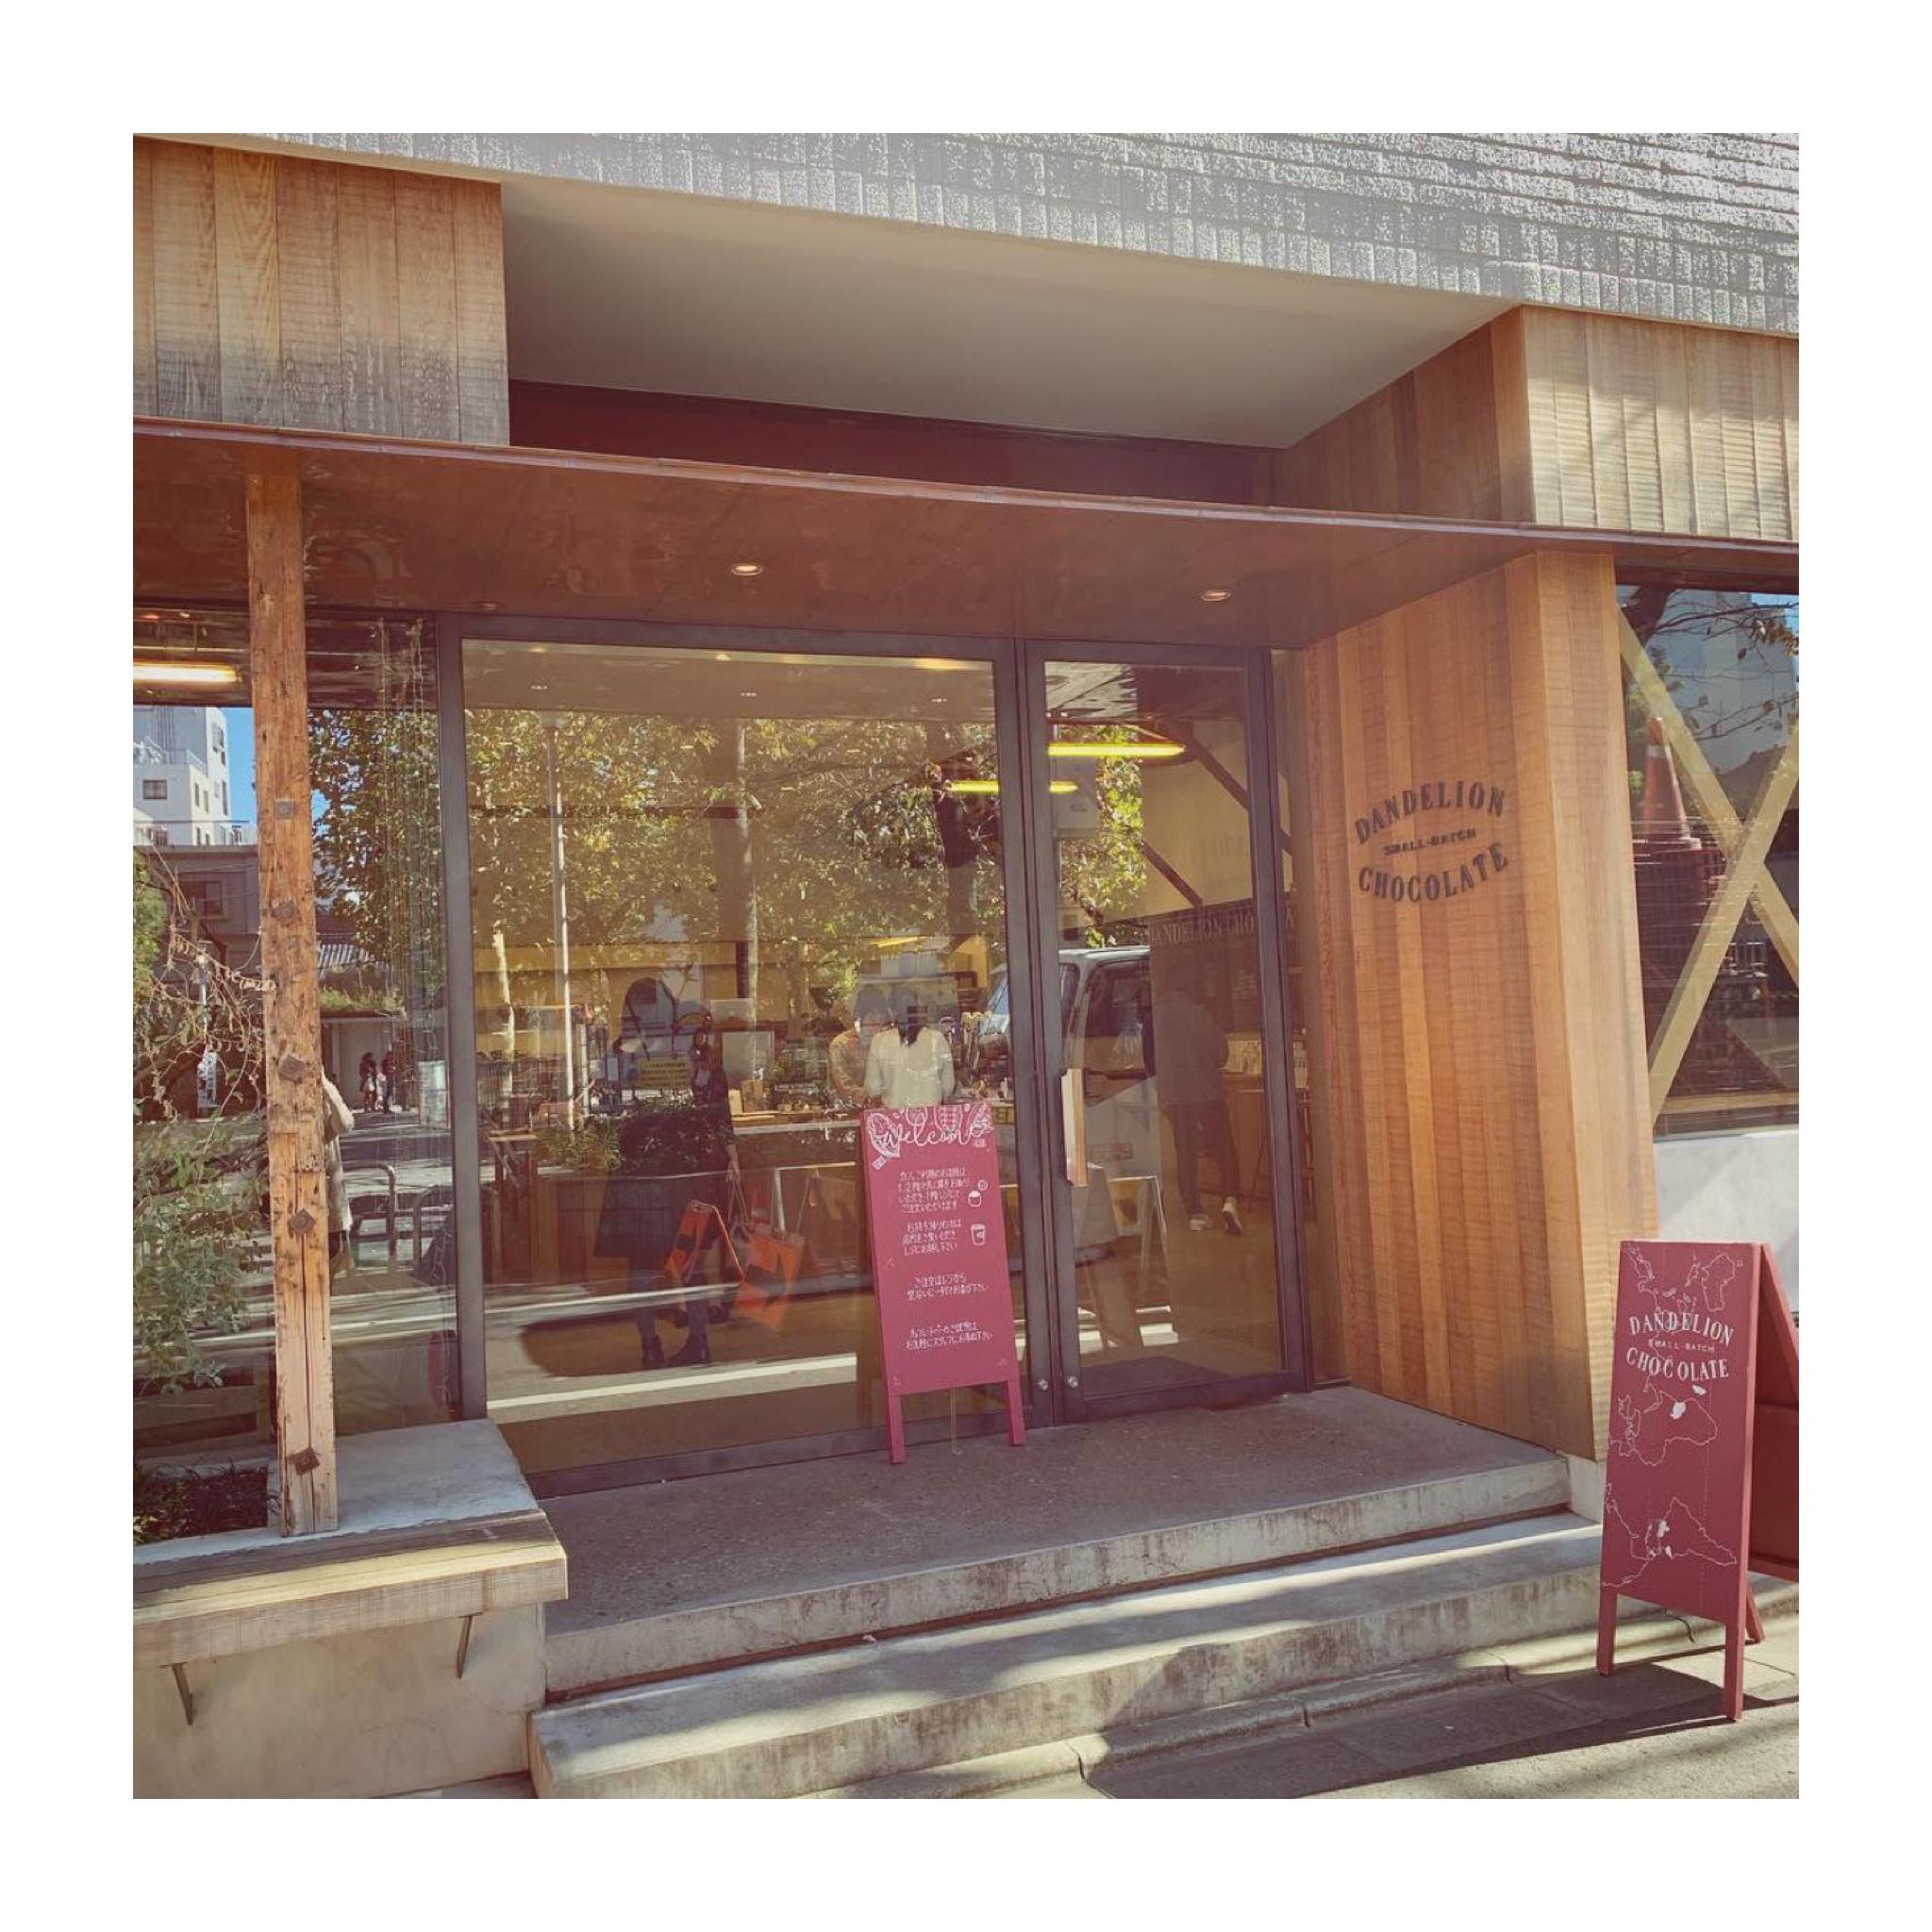 #20【#cafestagram】❤️:《東京•蔵前》都内で美味しいホットチョコレートを飲むならココ☝︎❤︎『DANDELION CHOCOLATE』☻_1